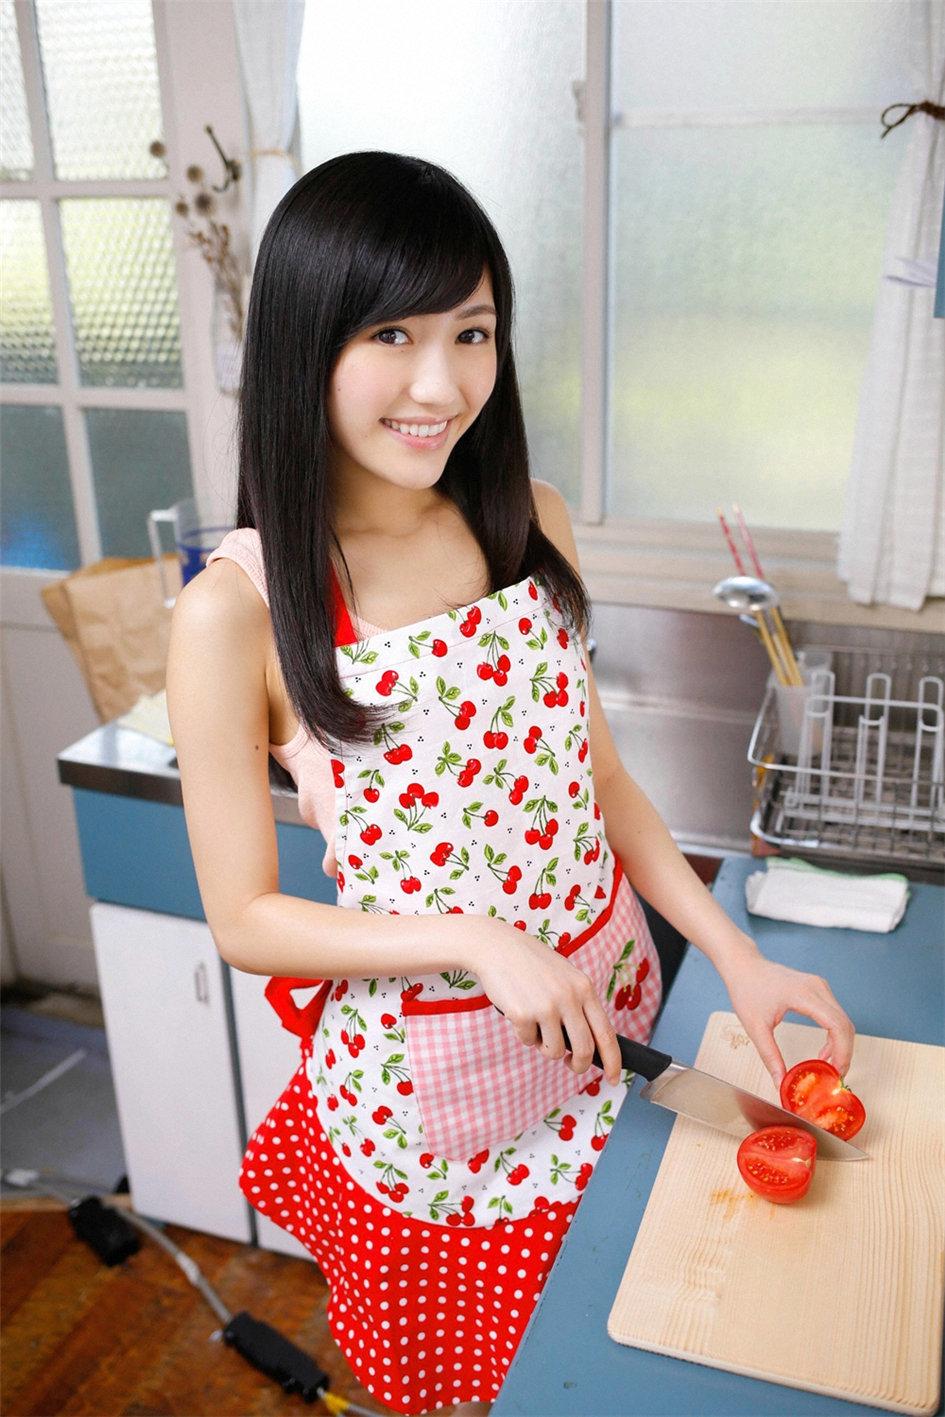 AKB少女偶像私密写真 厨娘装扮俏皮可爱